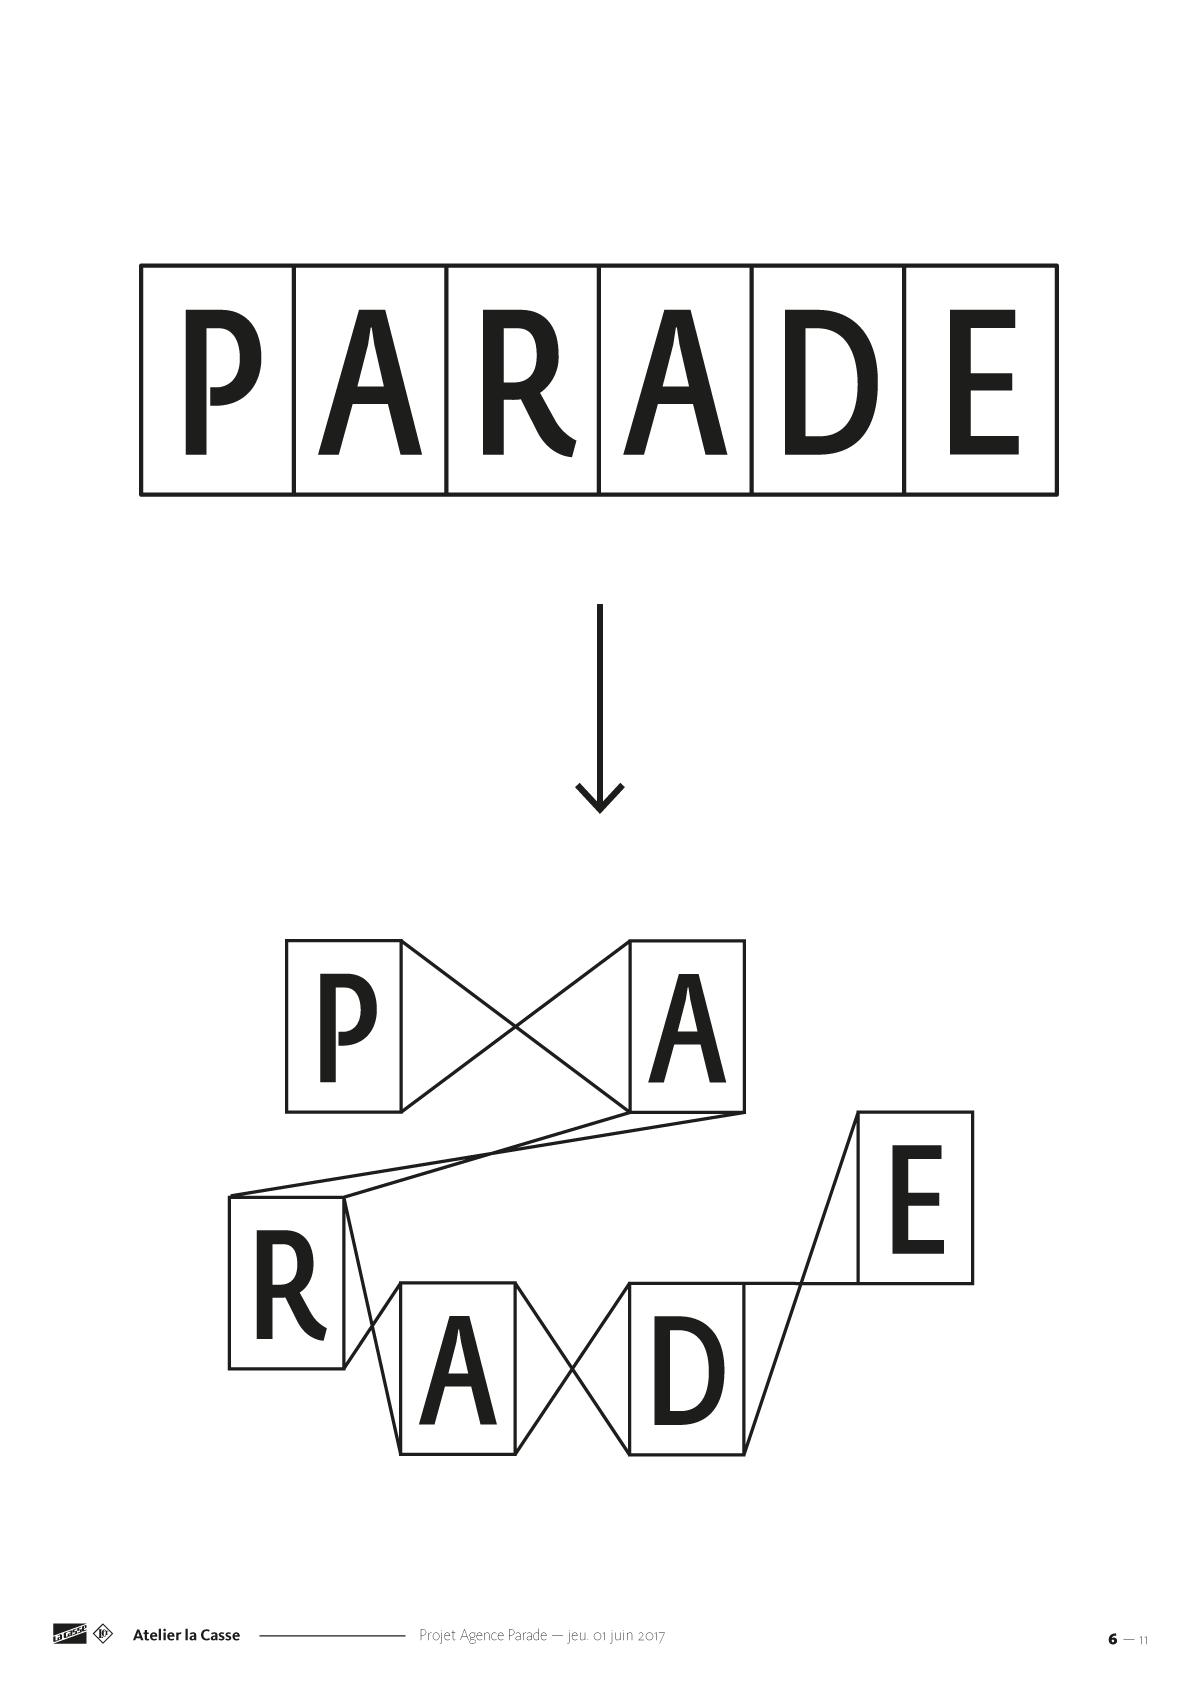 Schémas du système graphique mise en place pour l'agence Parade